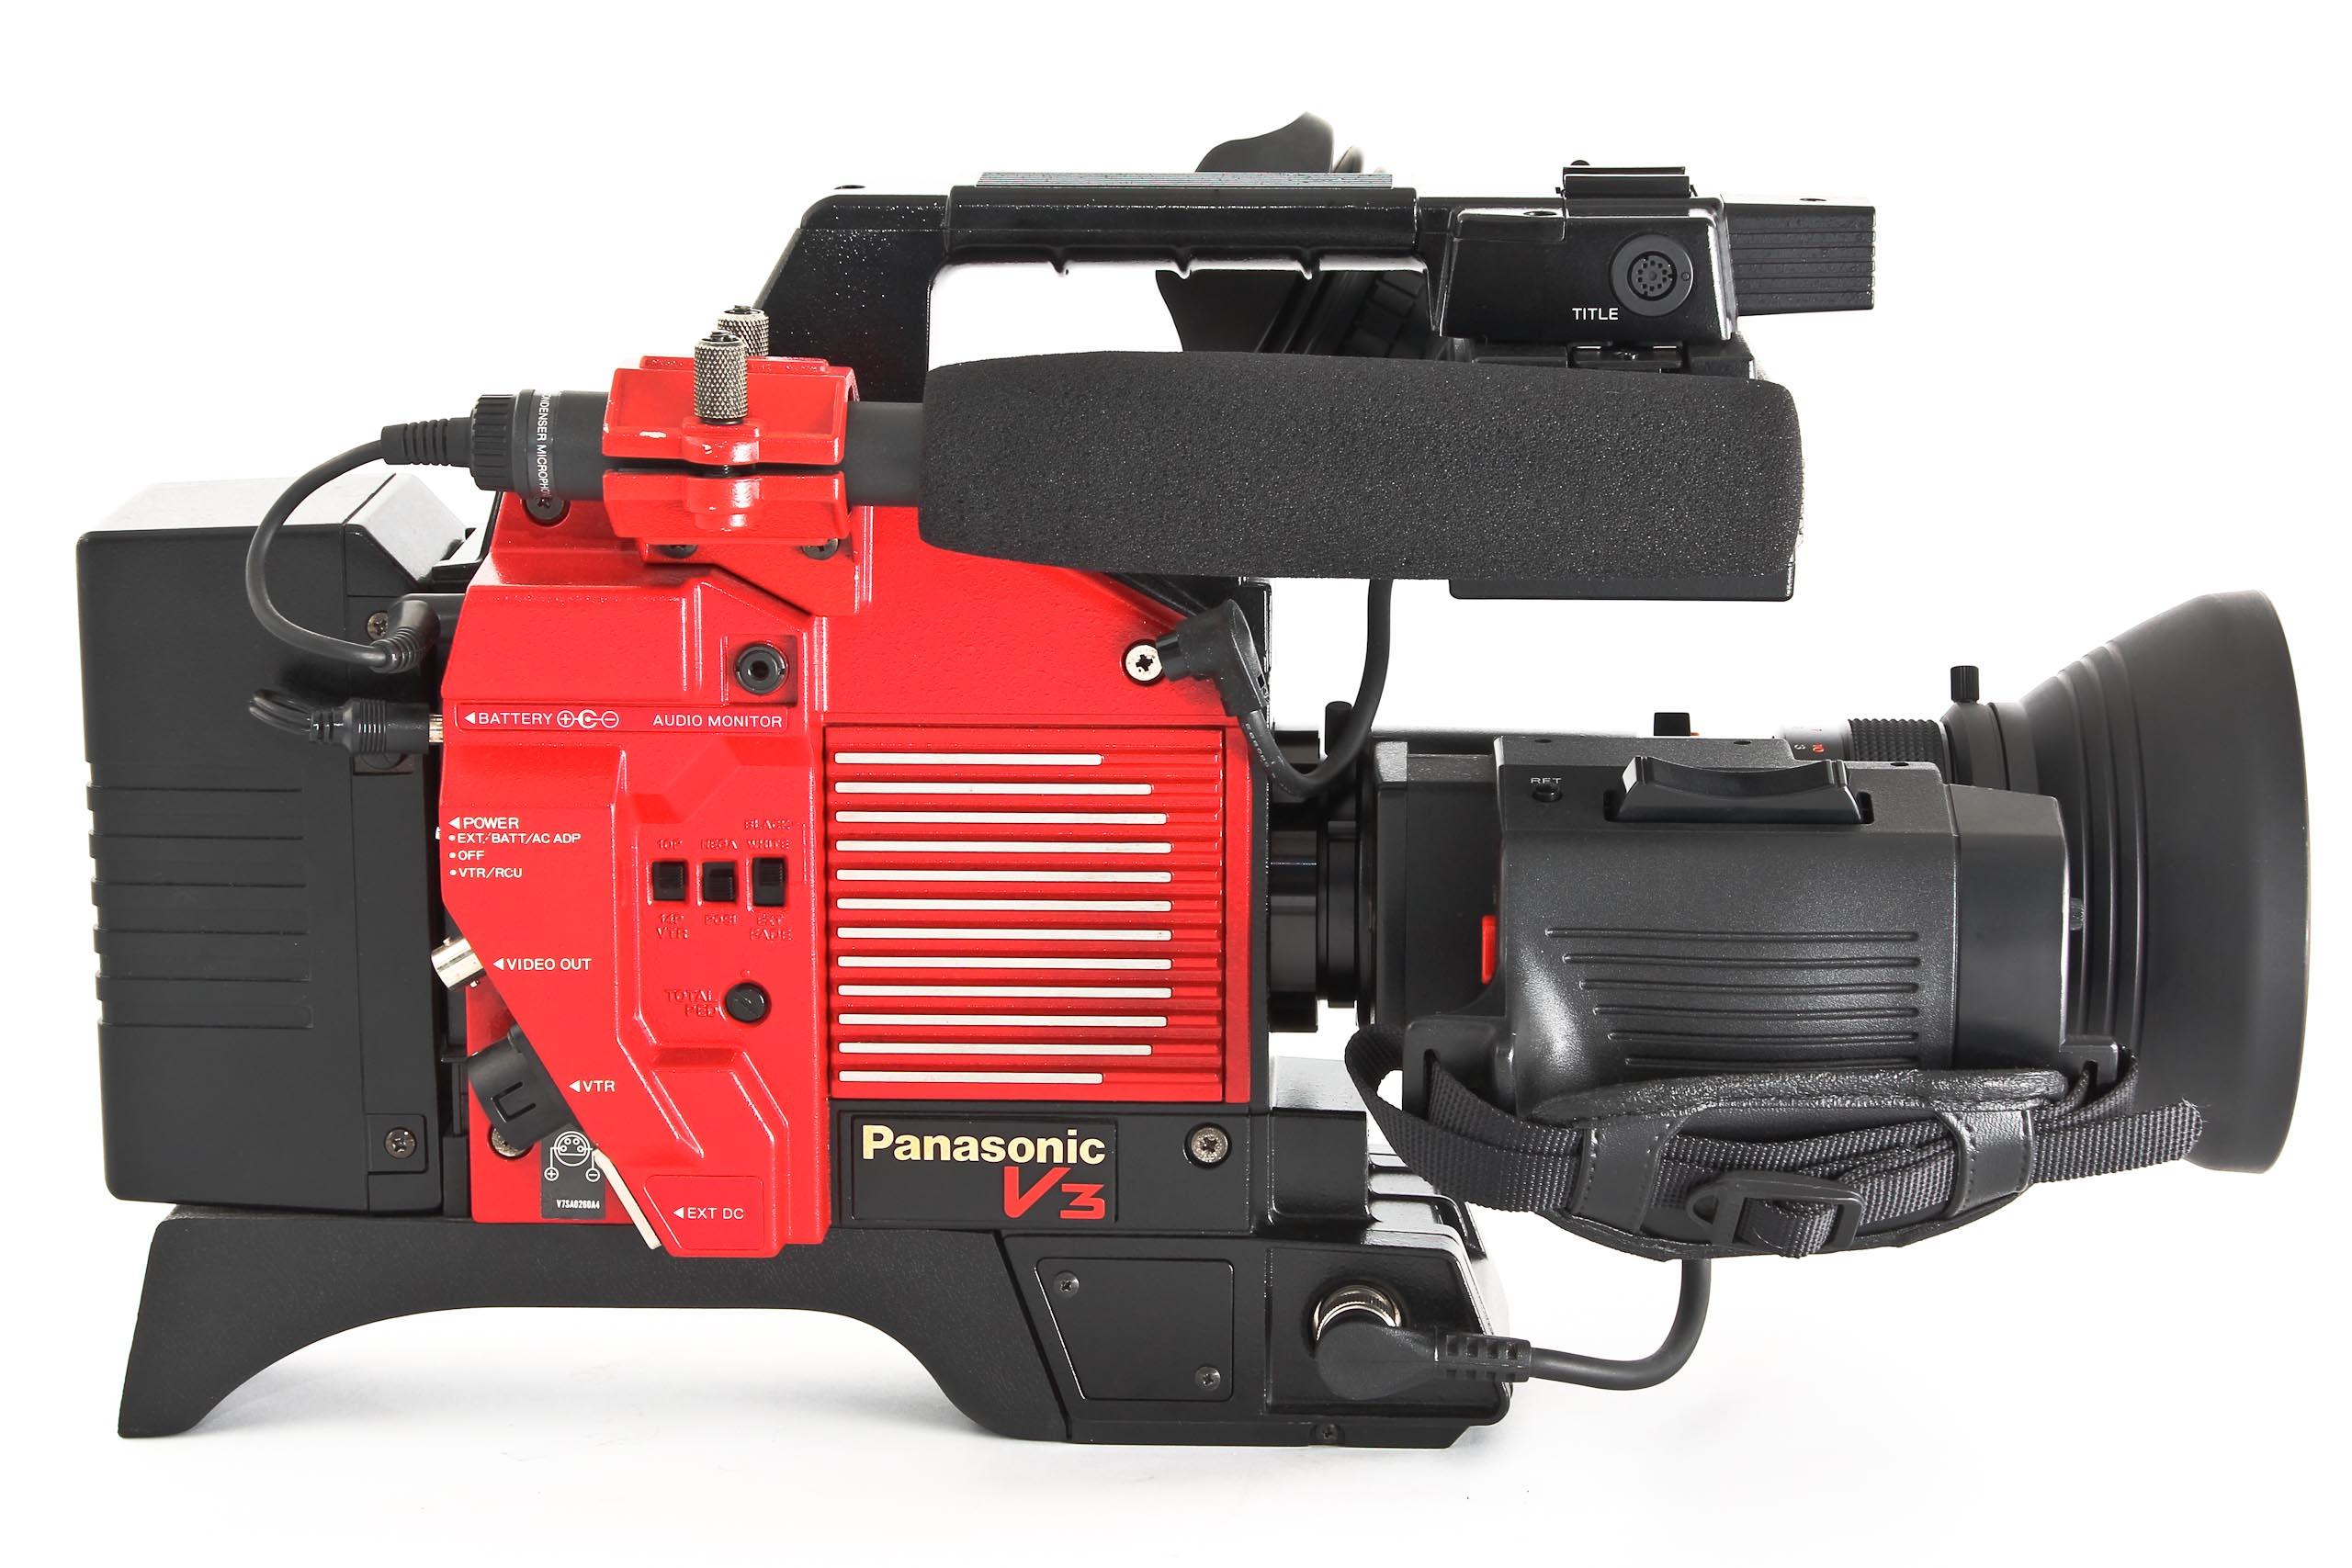 kameras 2-45